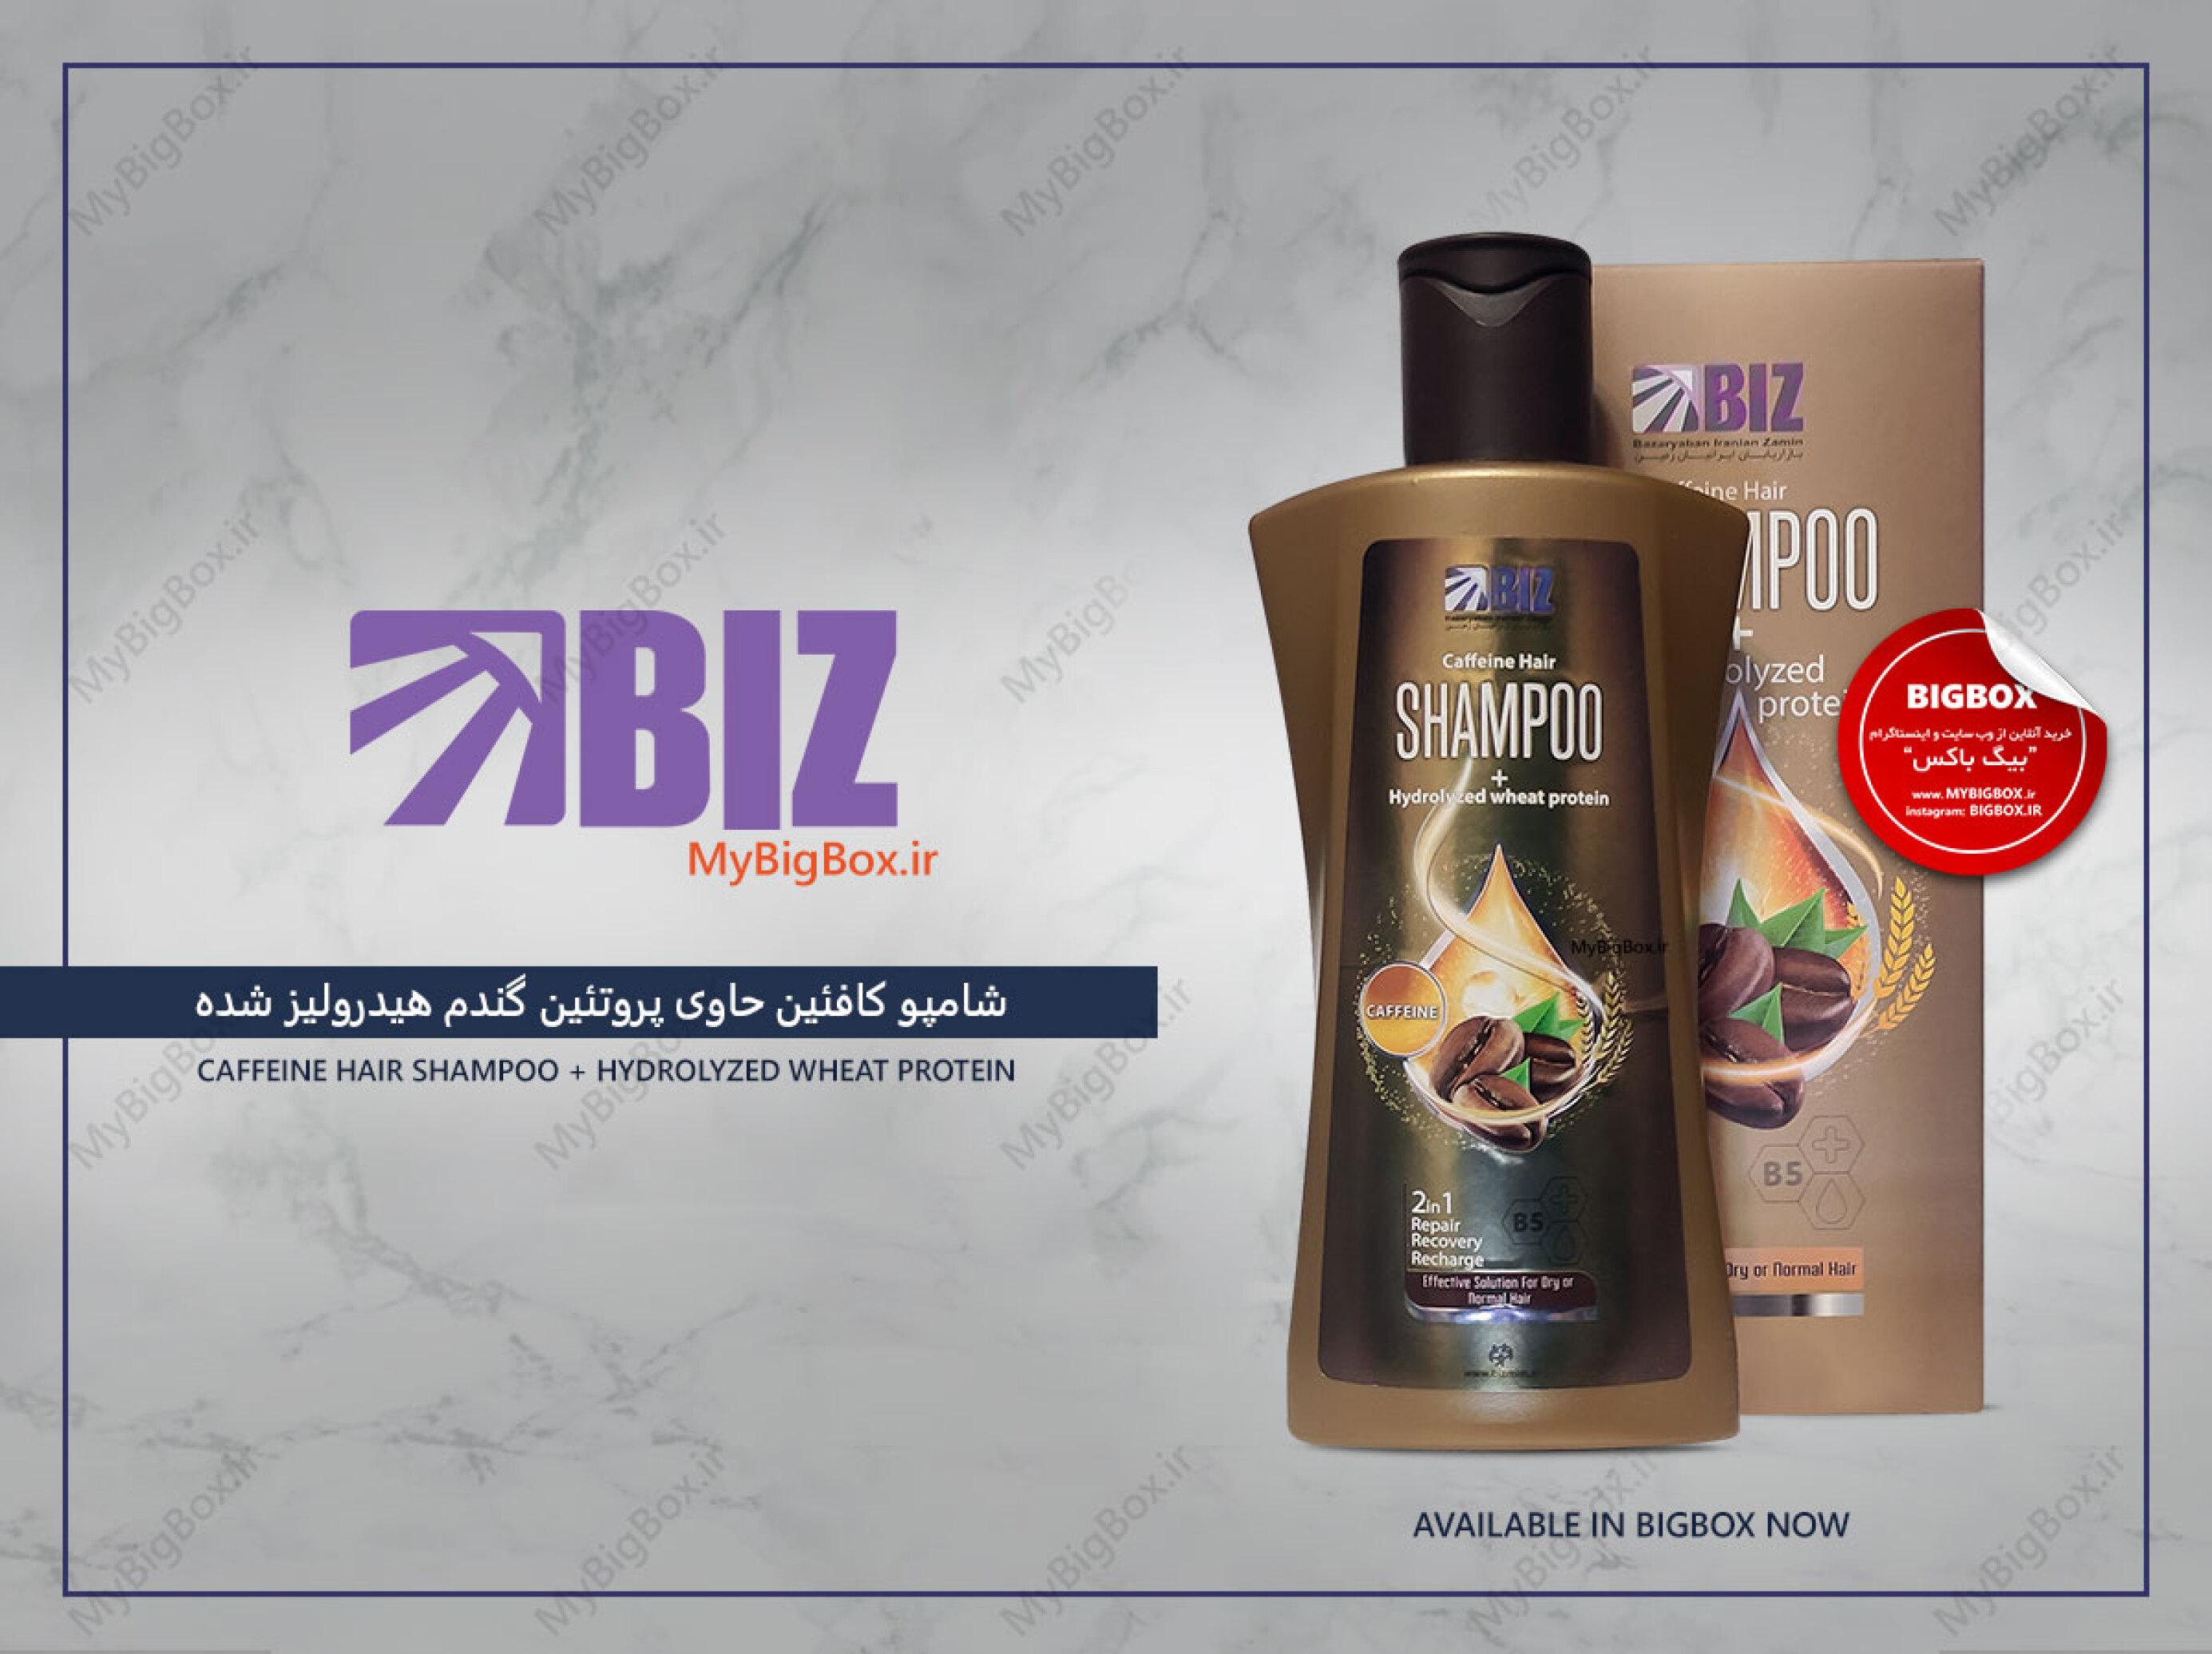 شامپو موی سر بیز مدل کافئین و پروتئین گندم حجم 300 میلی لیتر Biz coffeine shampoo